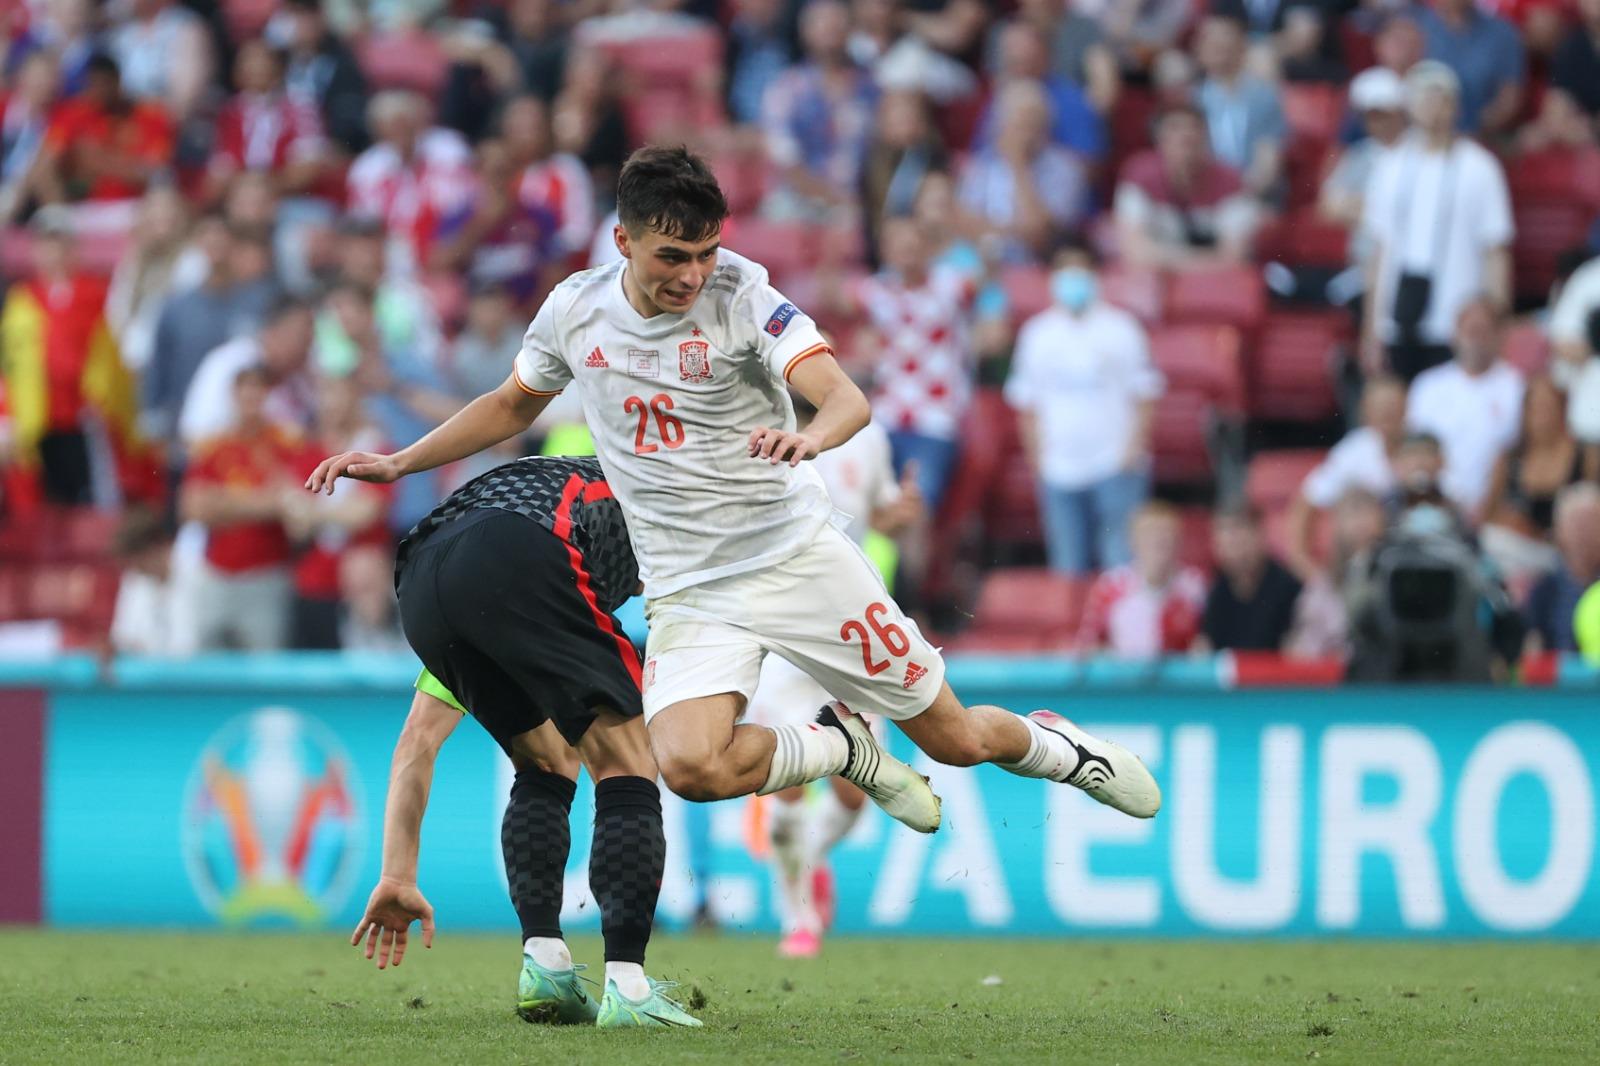 Kemenangan 5-3 atas Kroasia di babak 1/8 menandai kematangan psikologis Pedri yang luar biasa, saat ia segera mengatasi kejutan golnya sendiri di awal pertandingan untuk bersinar dalam peran sebagai pemacu jantung di tengah lapangan.  Foto: RFEF